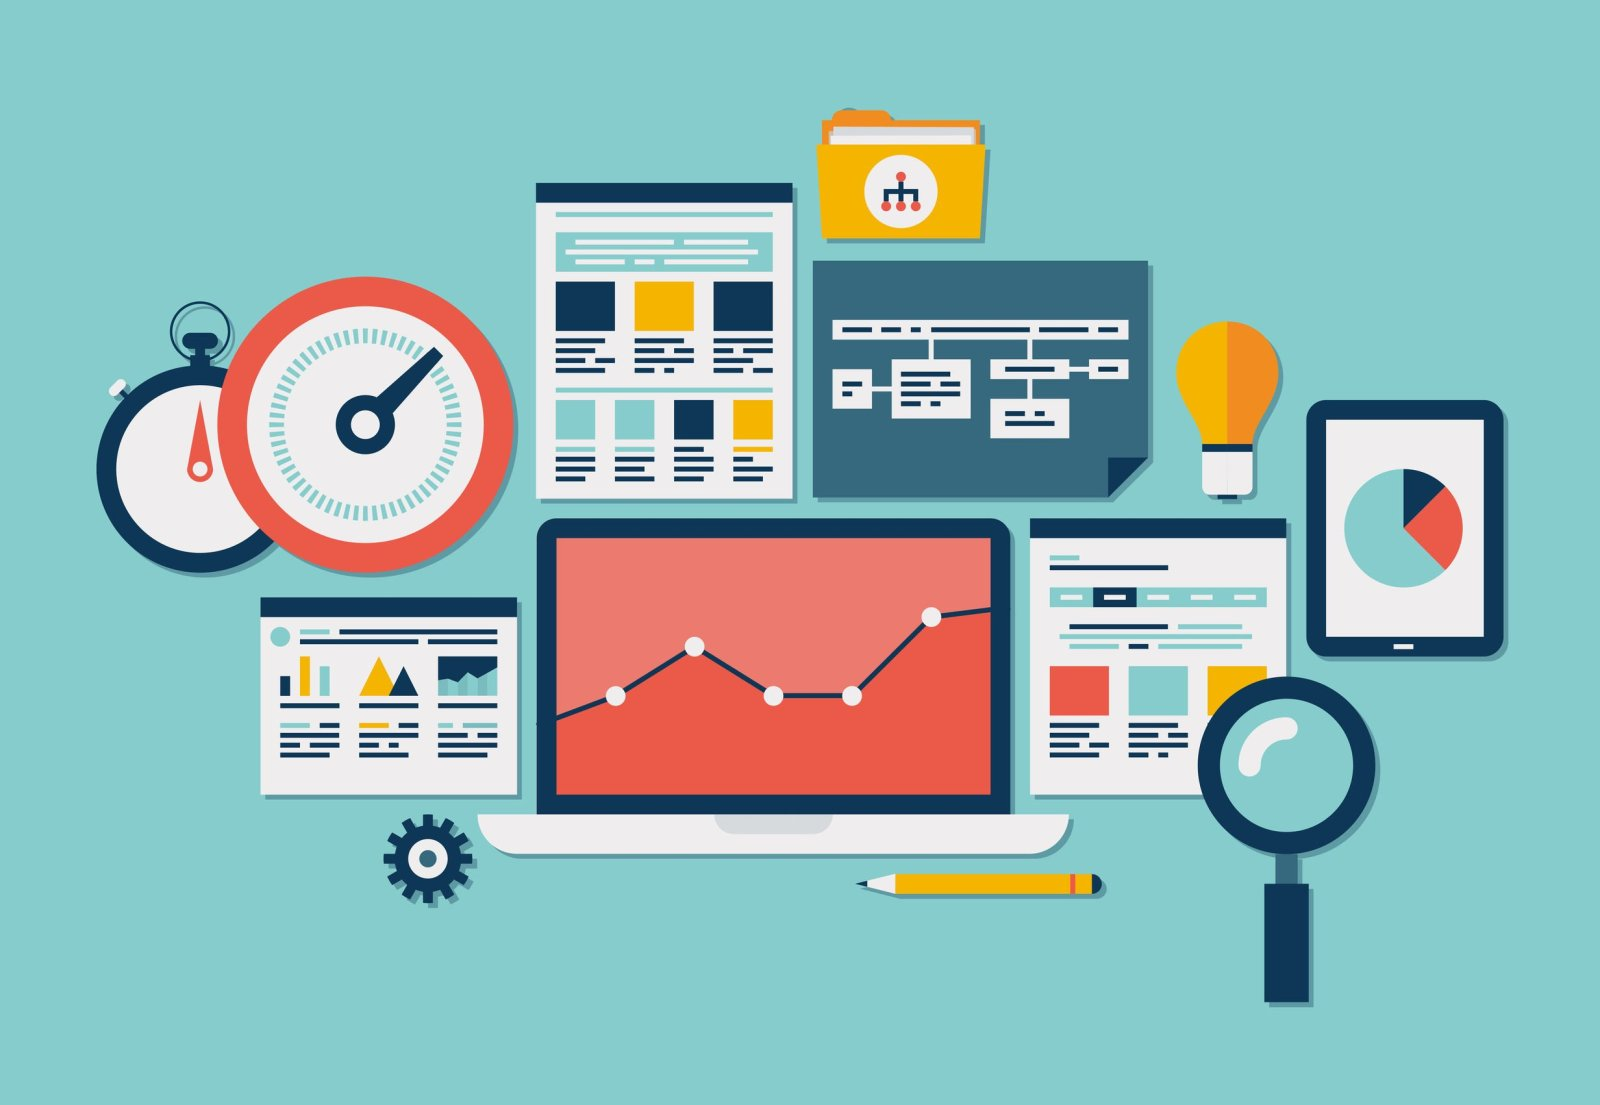 Marketing hiện đại: Định nghĩa, khái niệm, cách triển khai